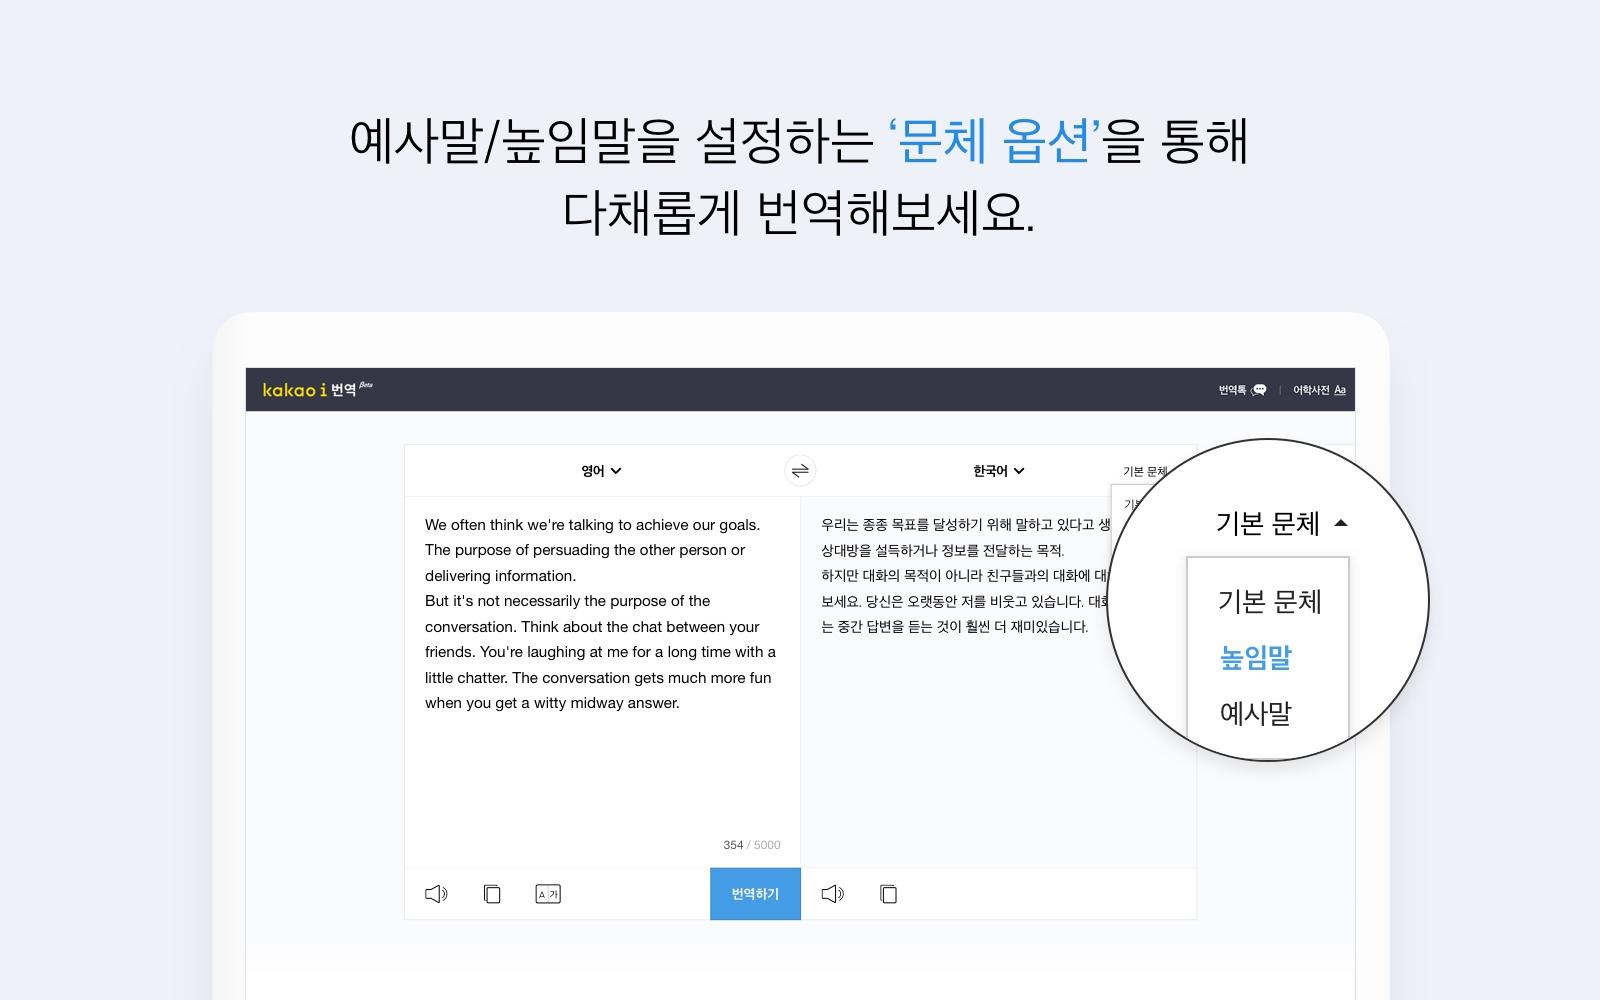 예사말/높임말을 설정하는 '문체 옵션'을 통해 다채롭게 번역해보세요.